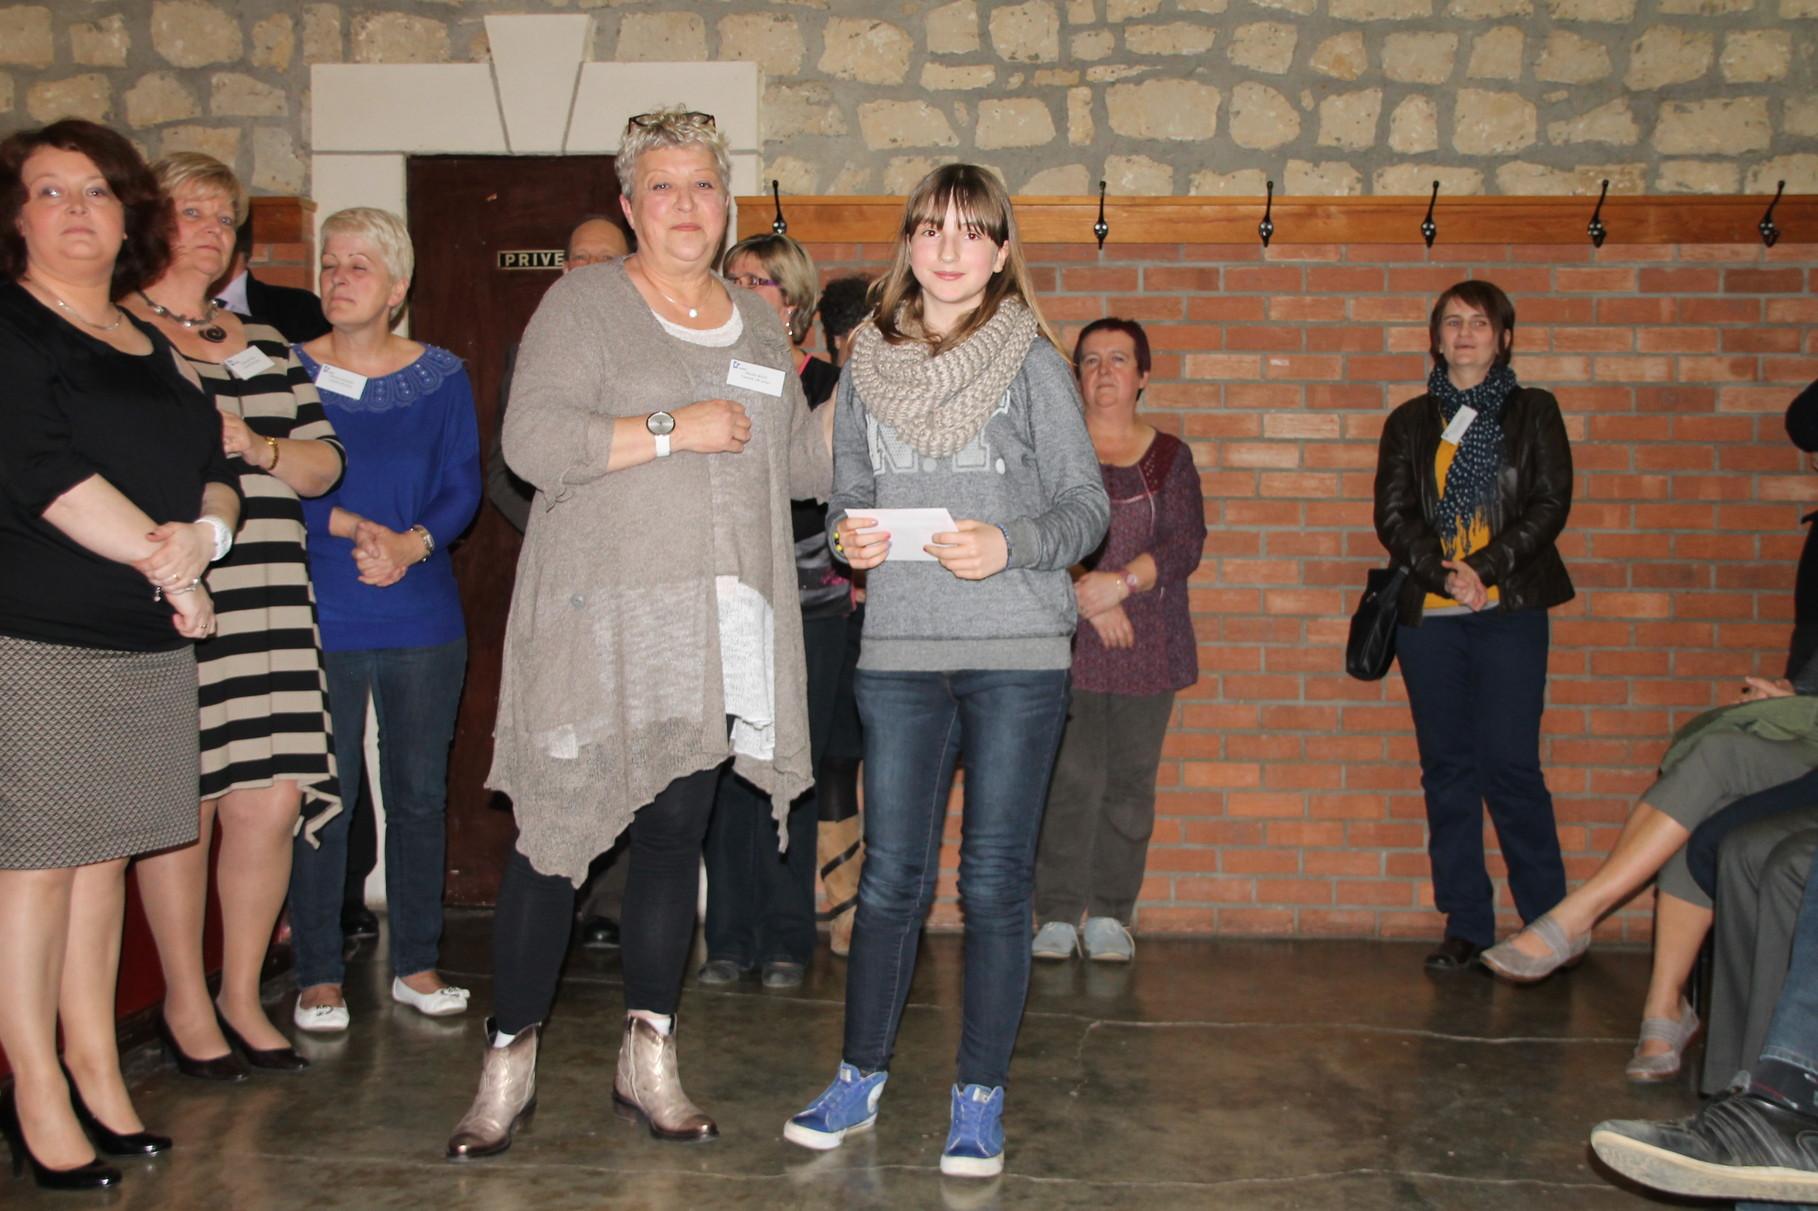 4ème prix remis par Nicole Bovy - Membre de la LIR Arlon